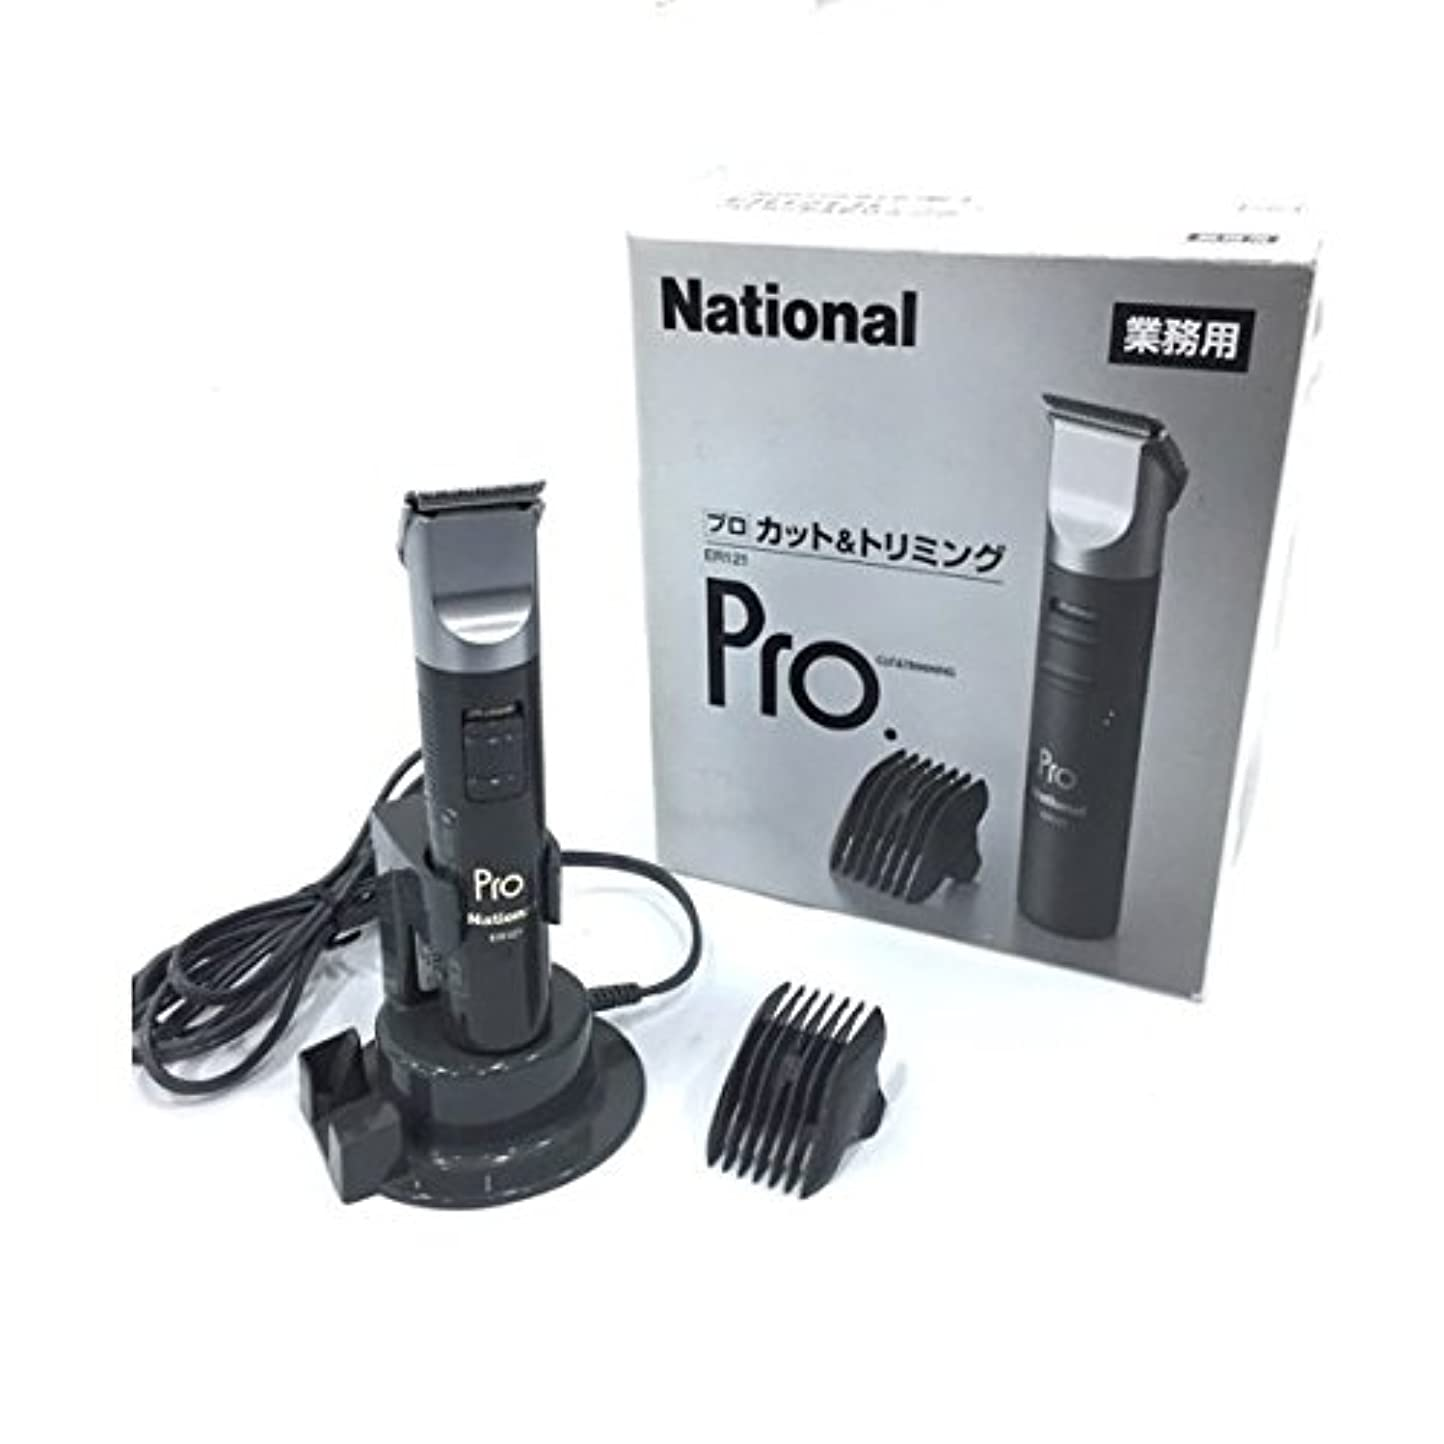 取り組む西部月曜日National ER-121 Black 日本製ヘアトリマー ER121 110~ 220V [並行輸入品]